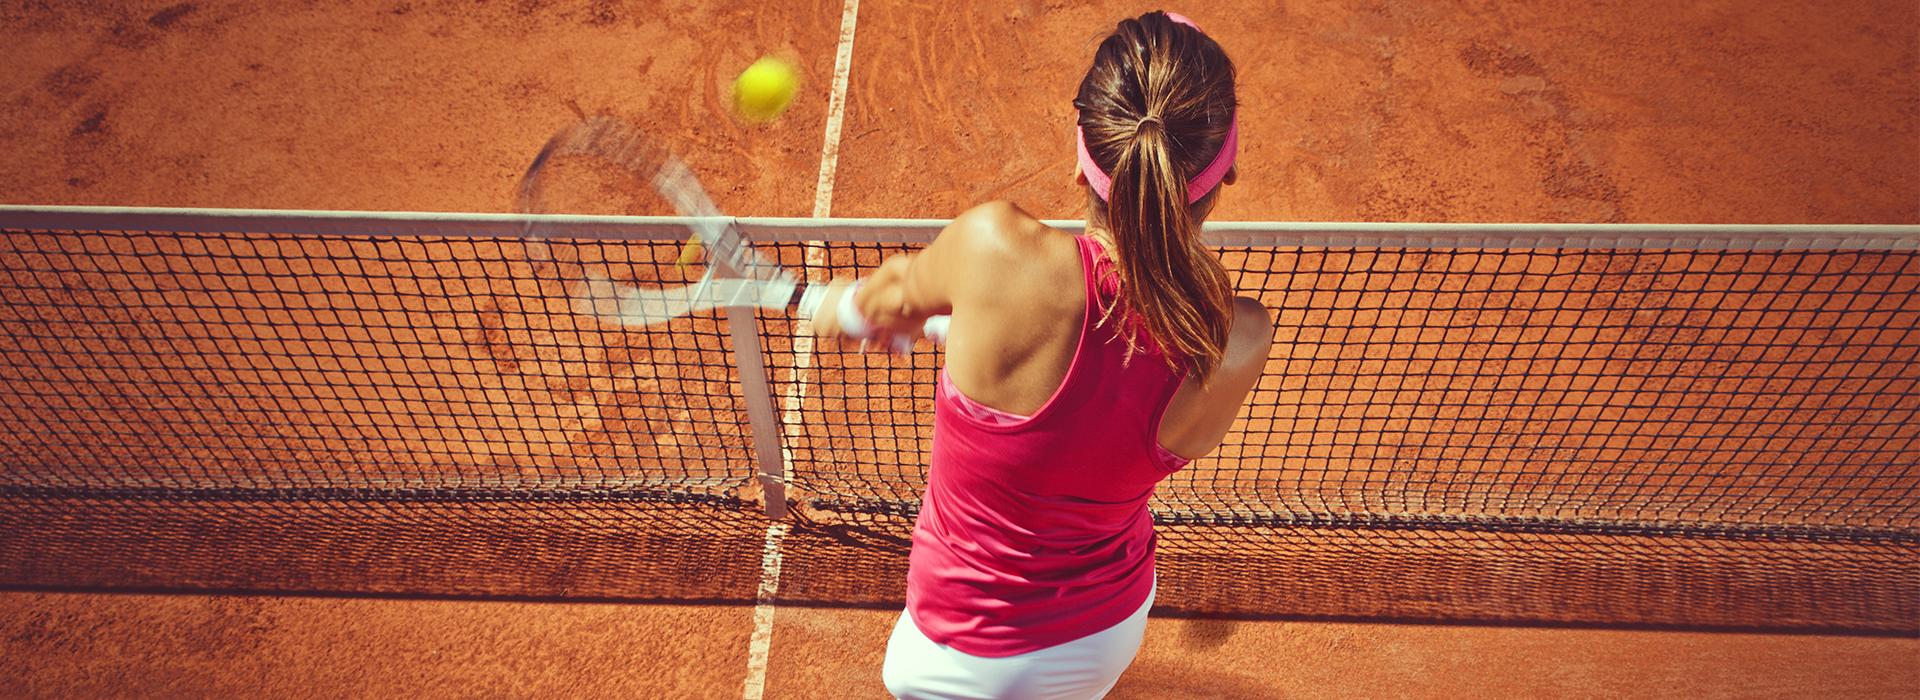 Saludo entre dos tenistas termina en pelea | Internacional | Deportes | EL FRENTE